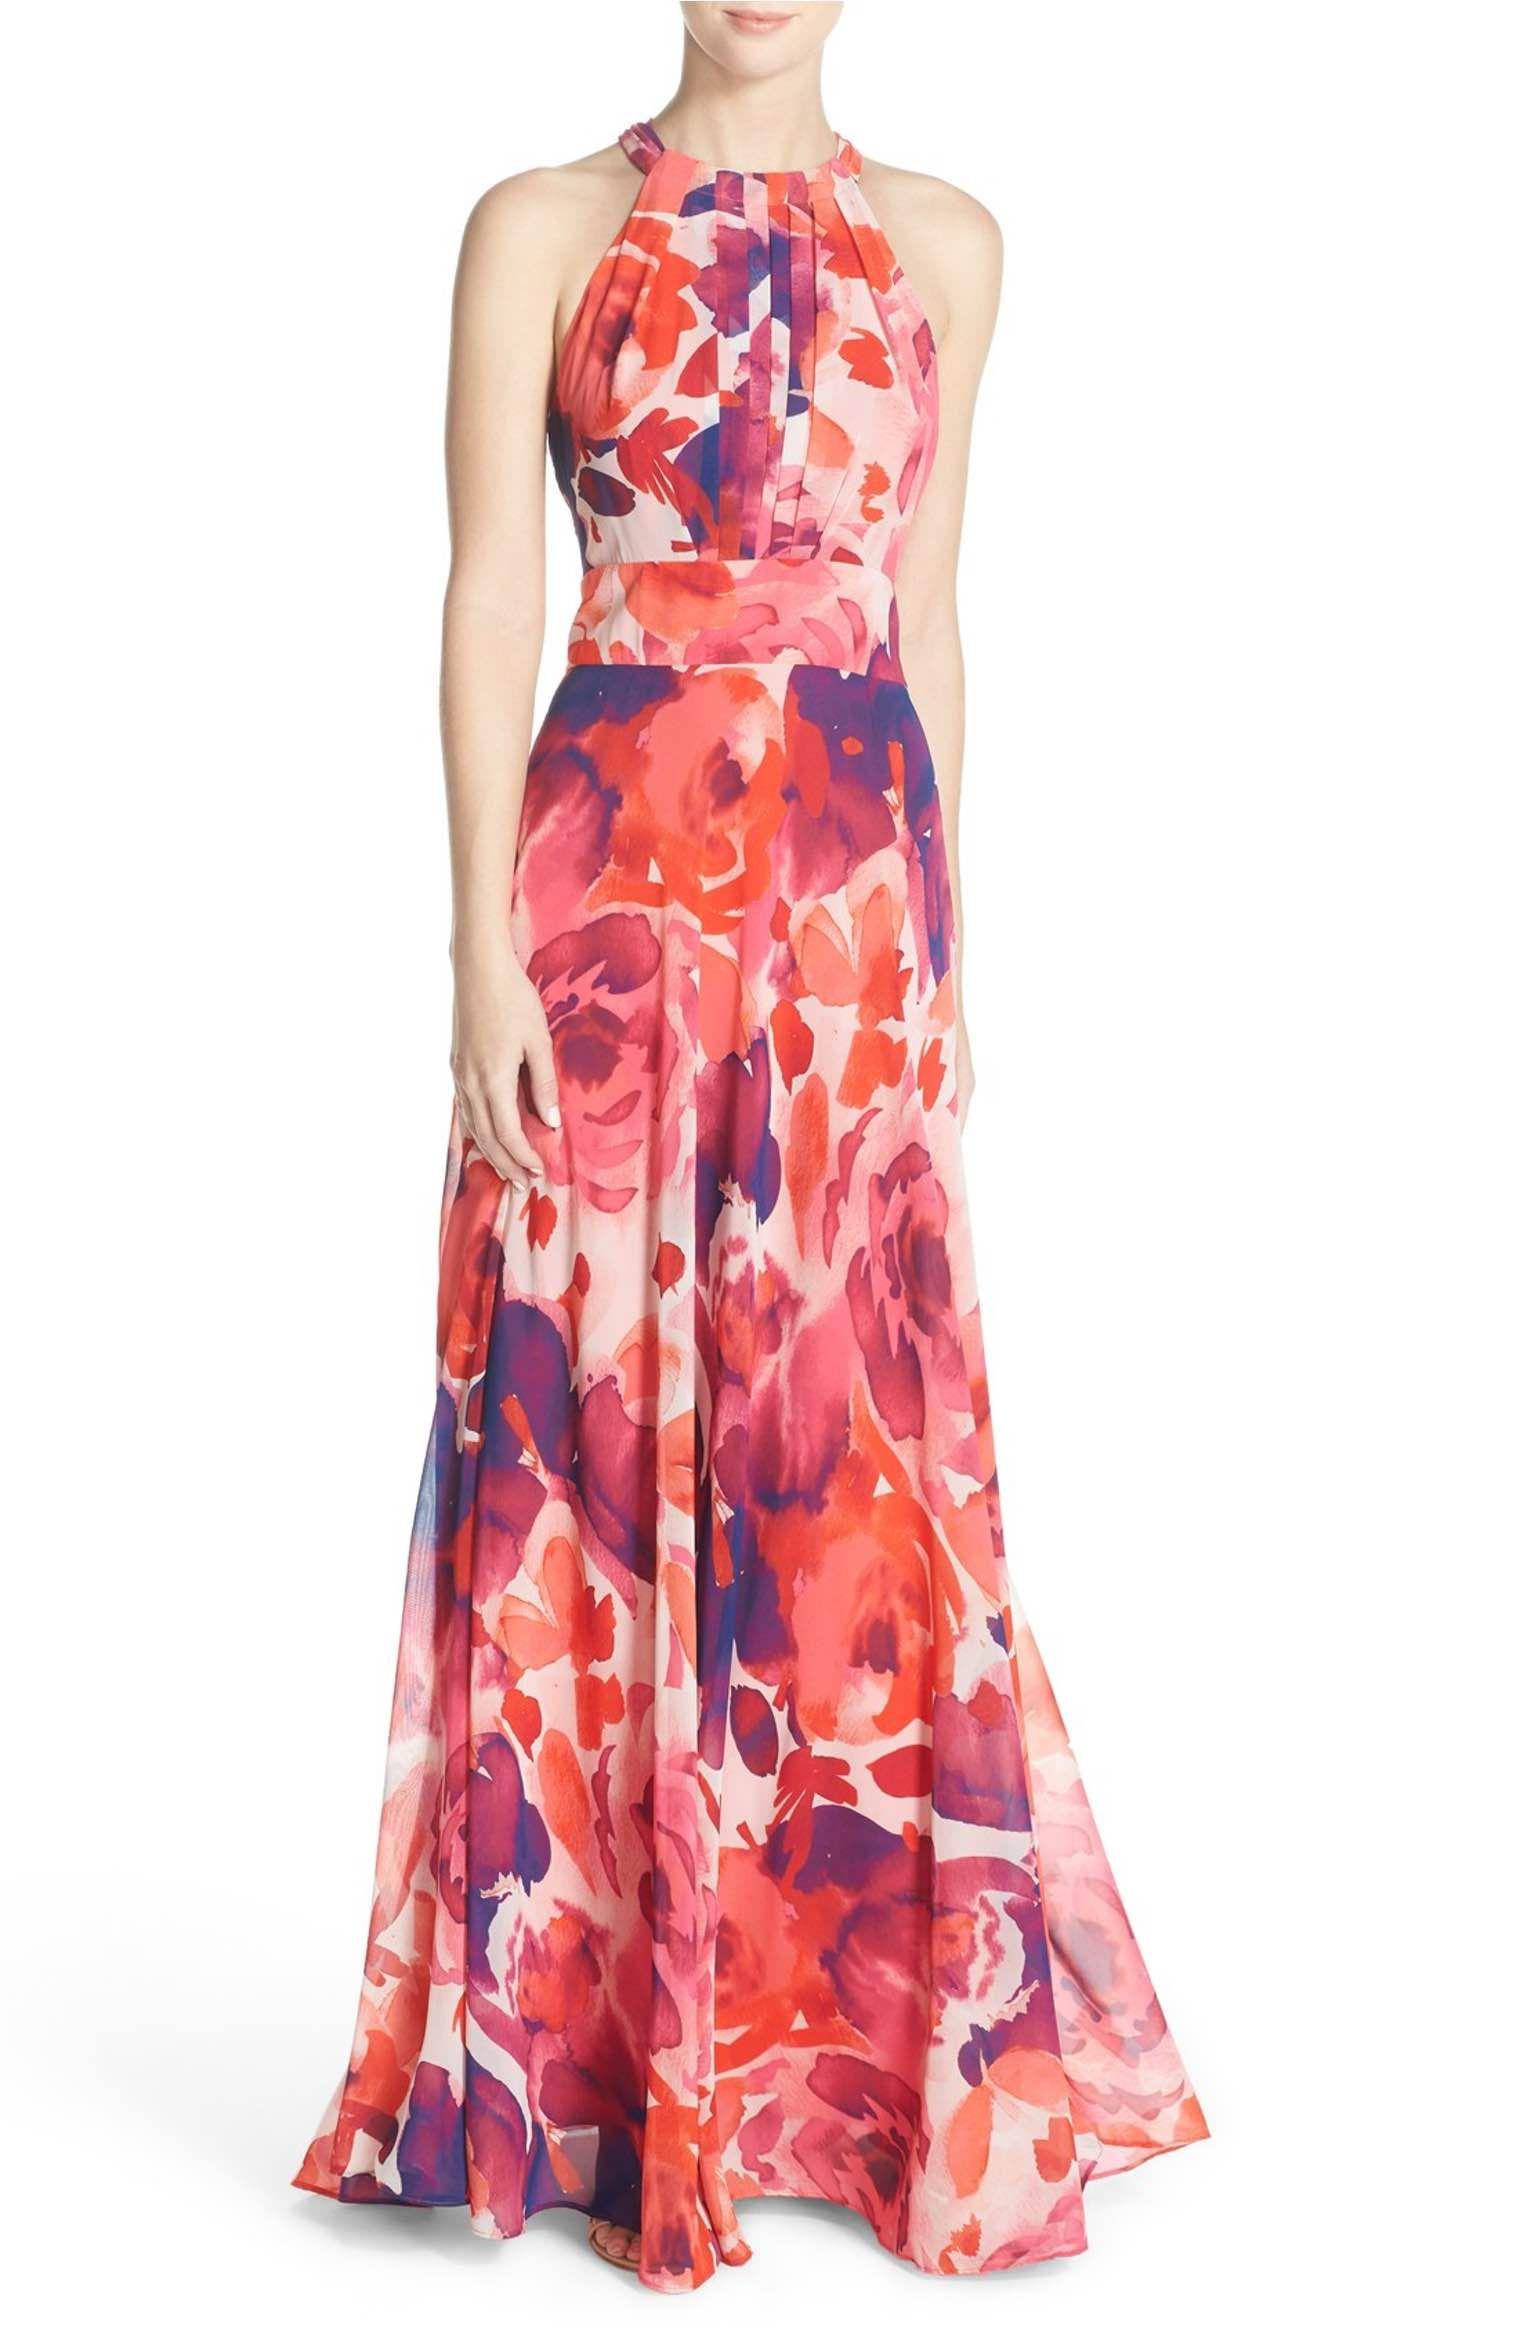 b48150ec1417c Eliza J Floral Print Halter Maxi Dress | Pleated Dresses | Maxi ...